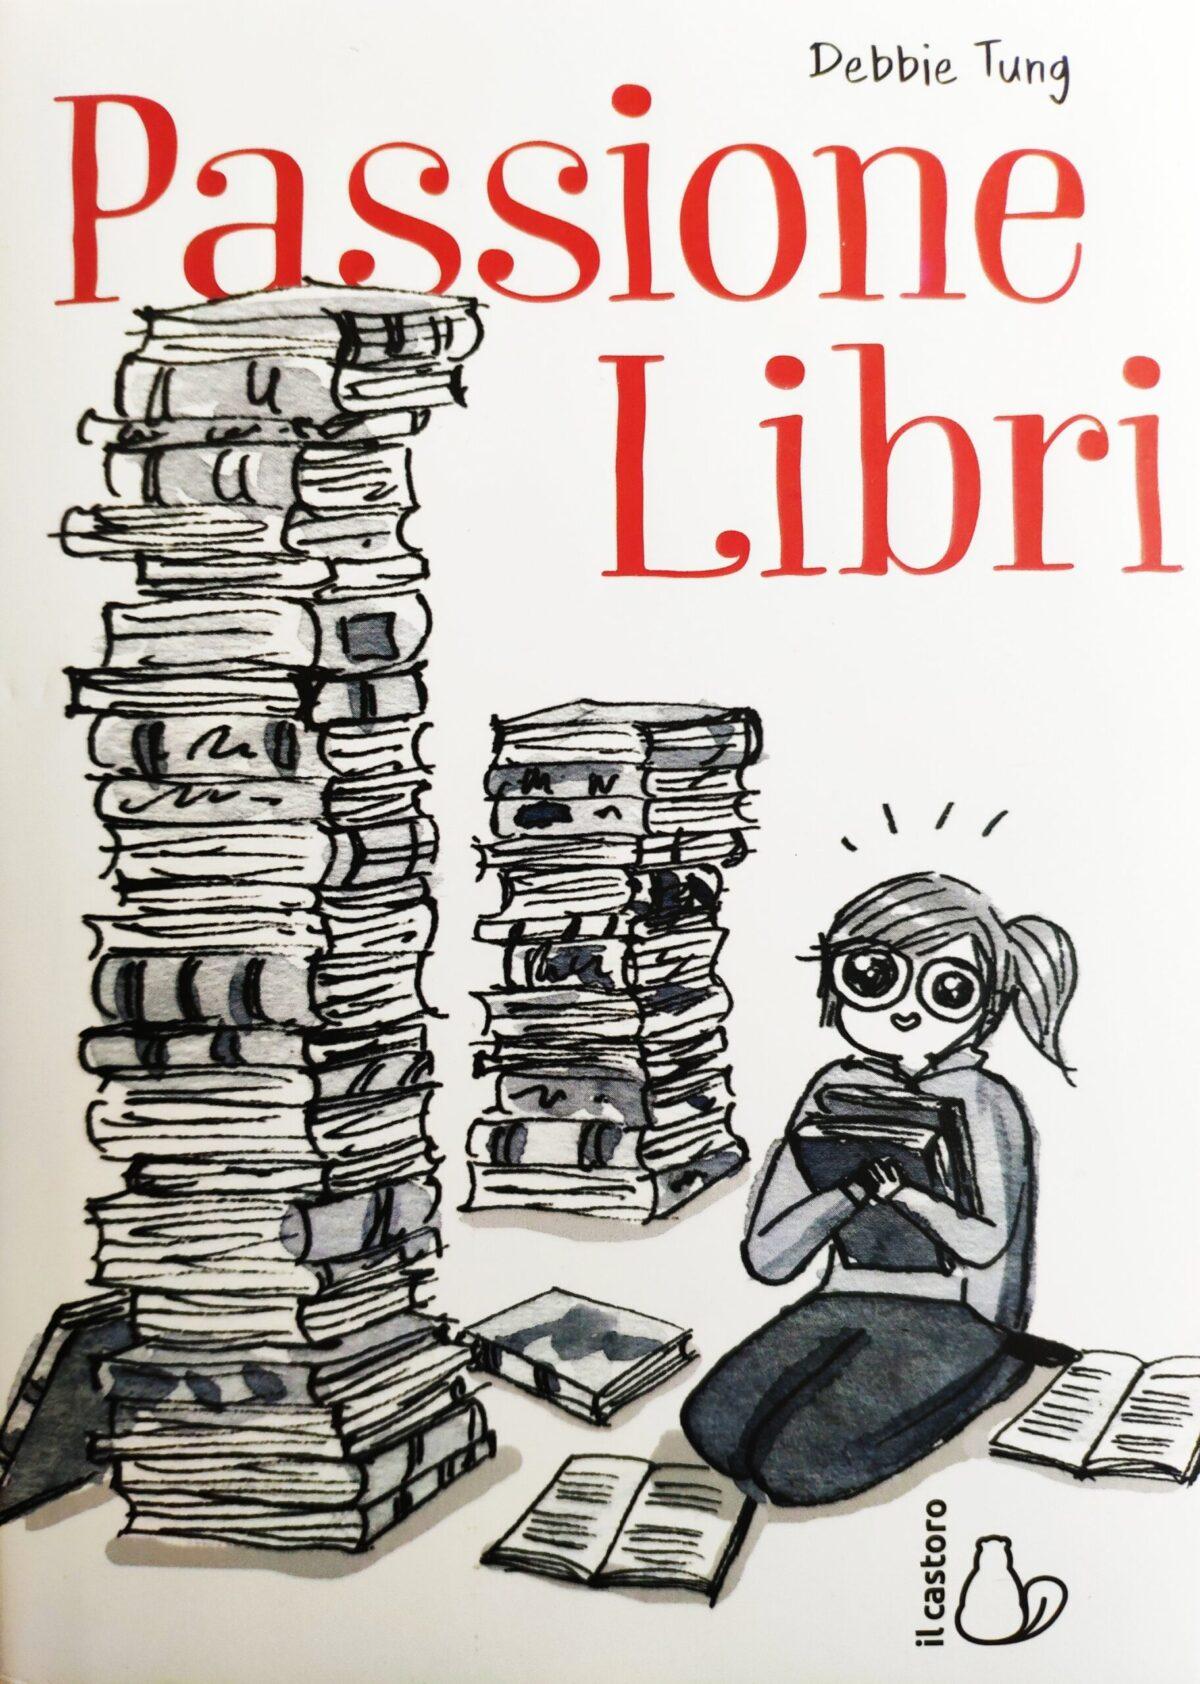 Mio caro fumetto... - Copertina di Passione Libri di Debbie Tung